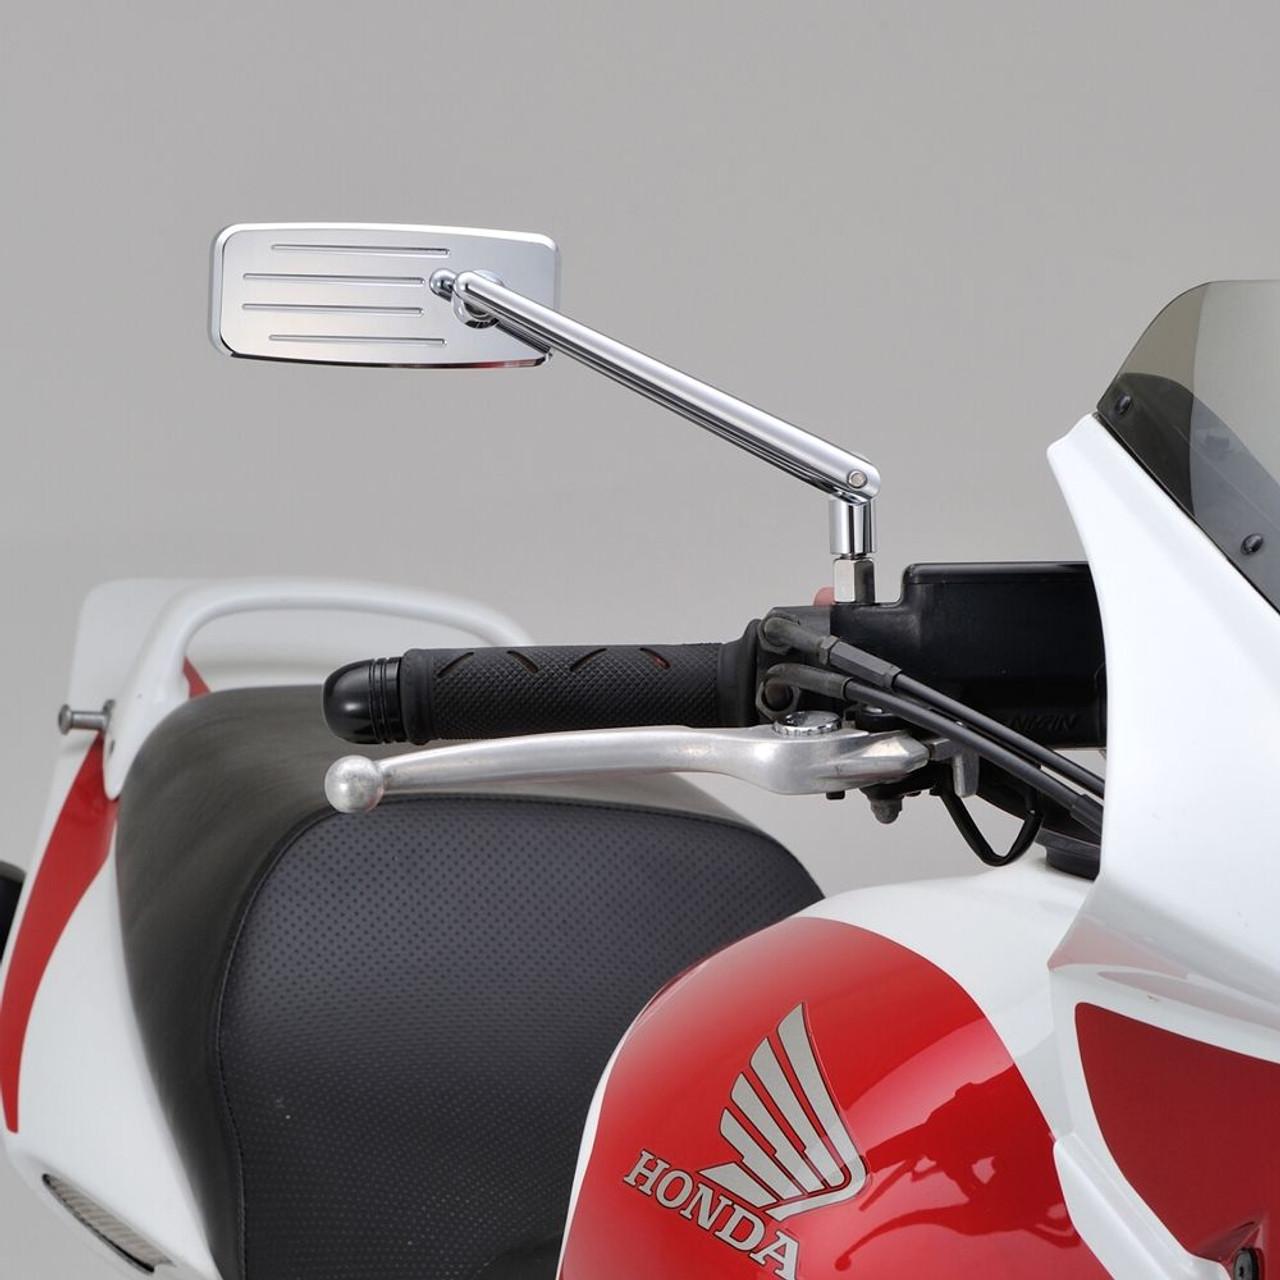 Daytona Highsider Motorcycle Rod Mirror Action, Chrome Finish, M10 x P1.25, 1pc